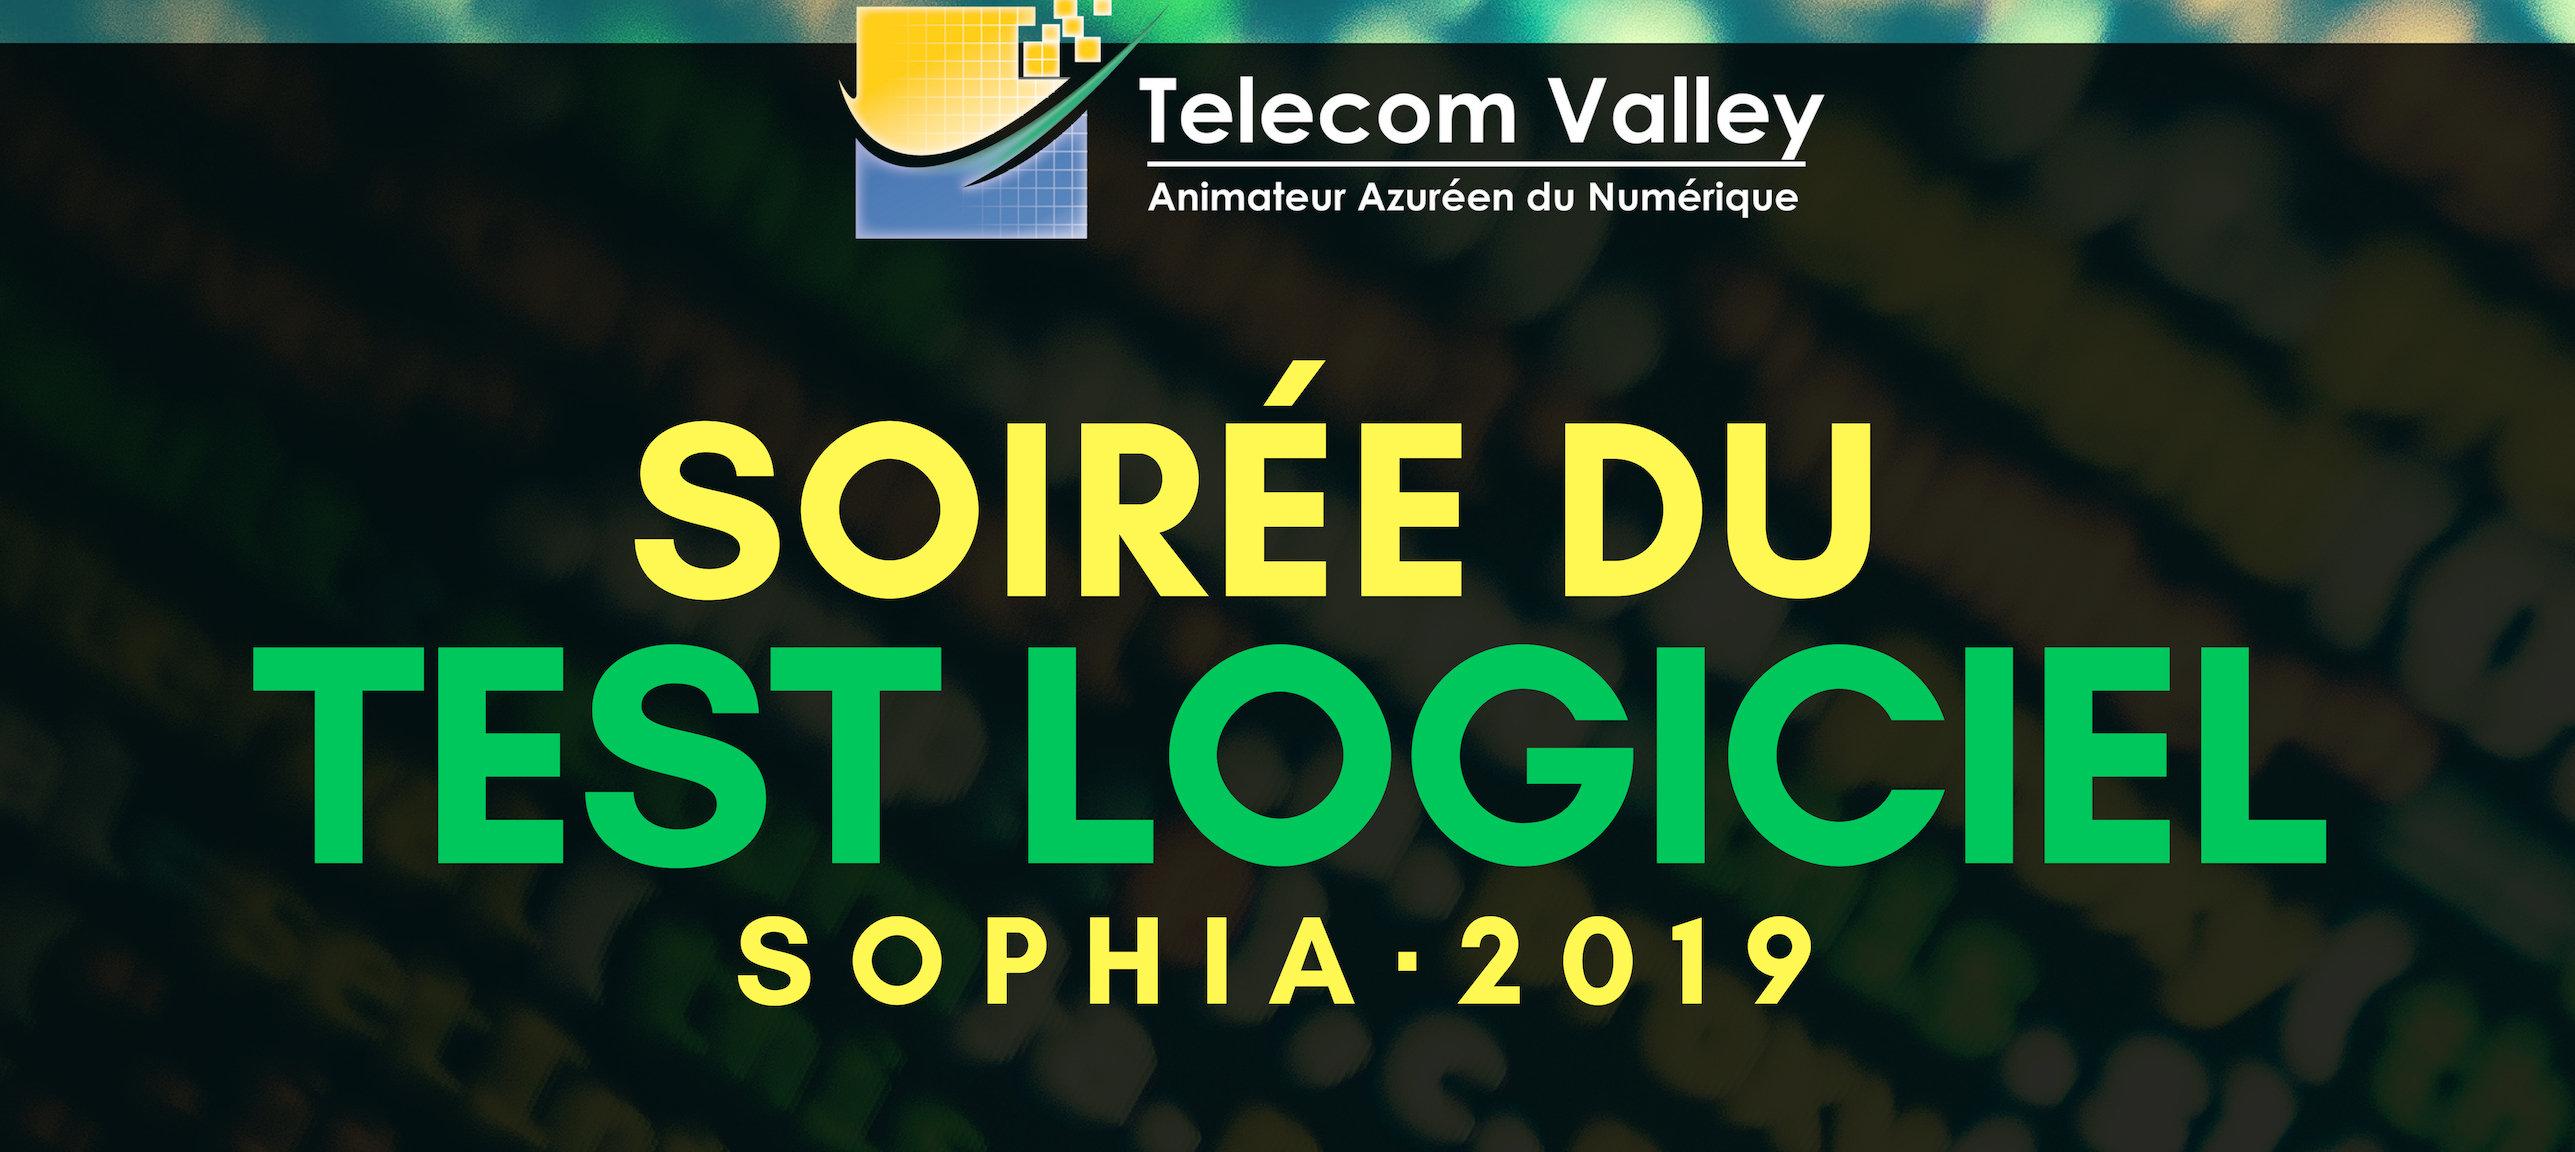 Soirée du test logiciel à Sophia-Antipolis – Jeudi 17 octobre 2019 – 15h30 à 22h